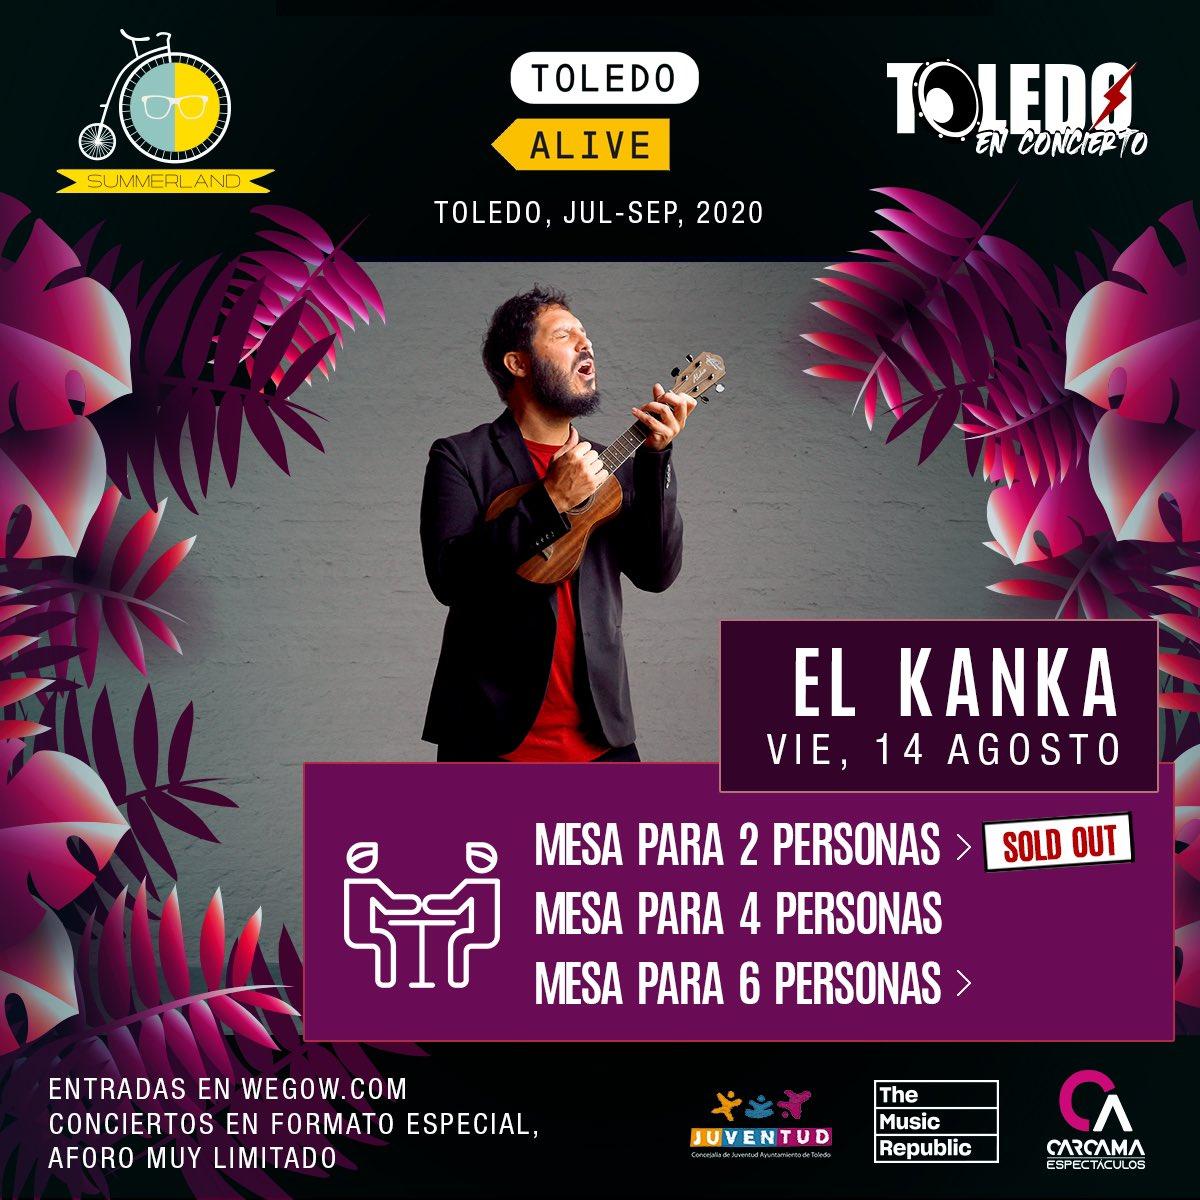 Mesas de 2 AGOTADAS para @El_Kanka 💜 Concierto en acústico el 14 de agosto en Terraza Summerland 🌴 Toledo  Entradas a la venta en: https://t.co/ScRQ7xLPdY https://t.co/Wrdj2mwrRB